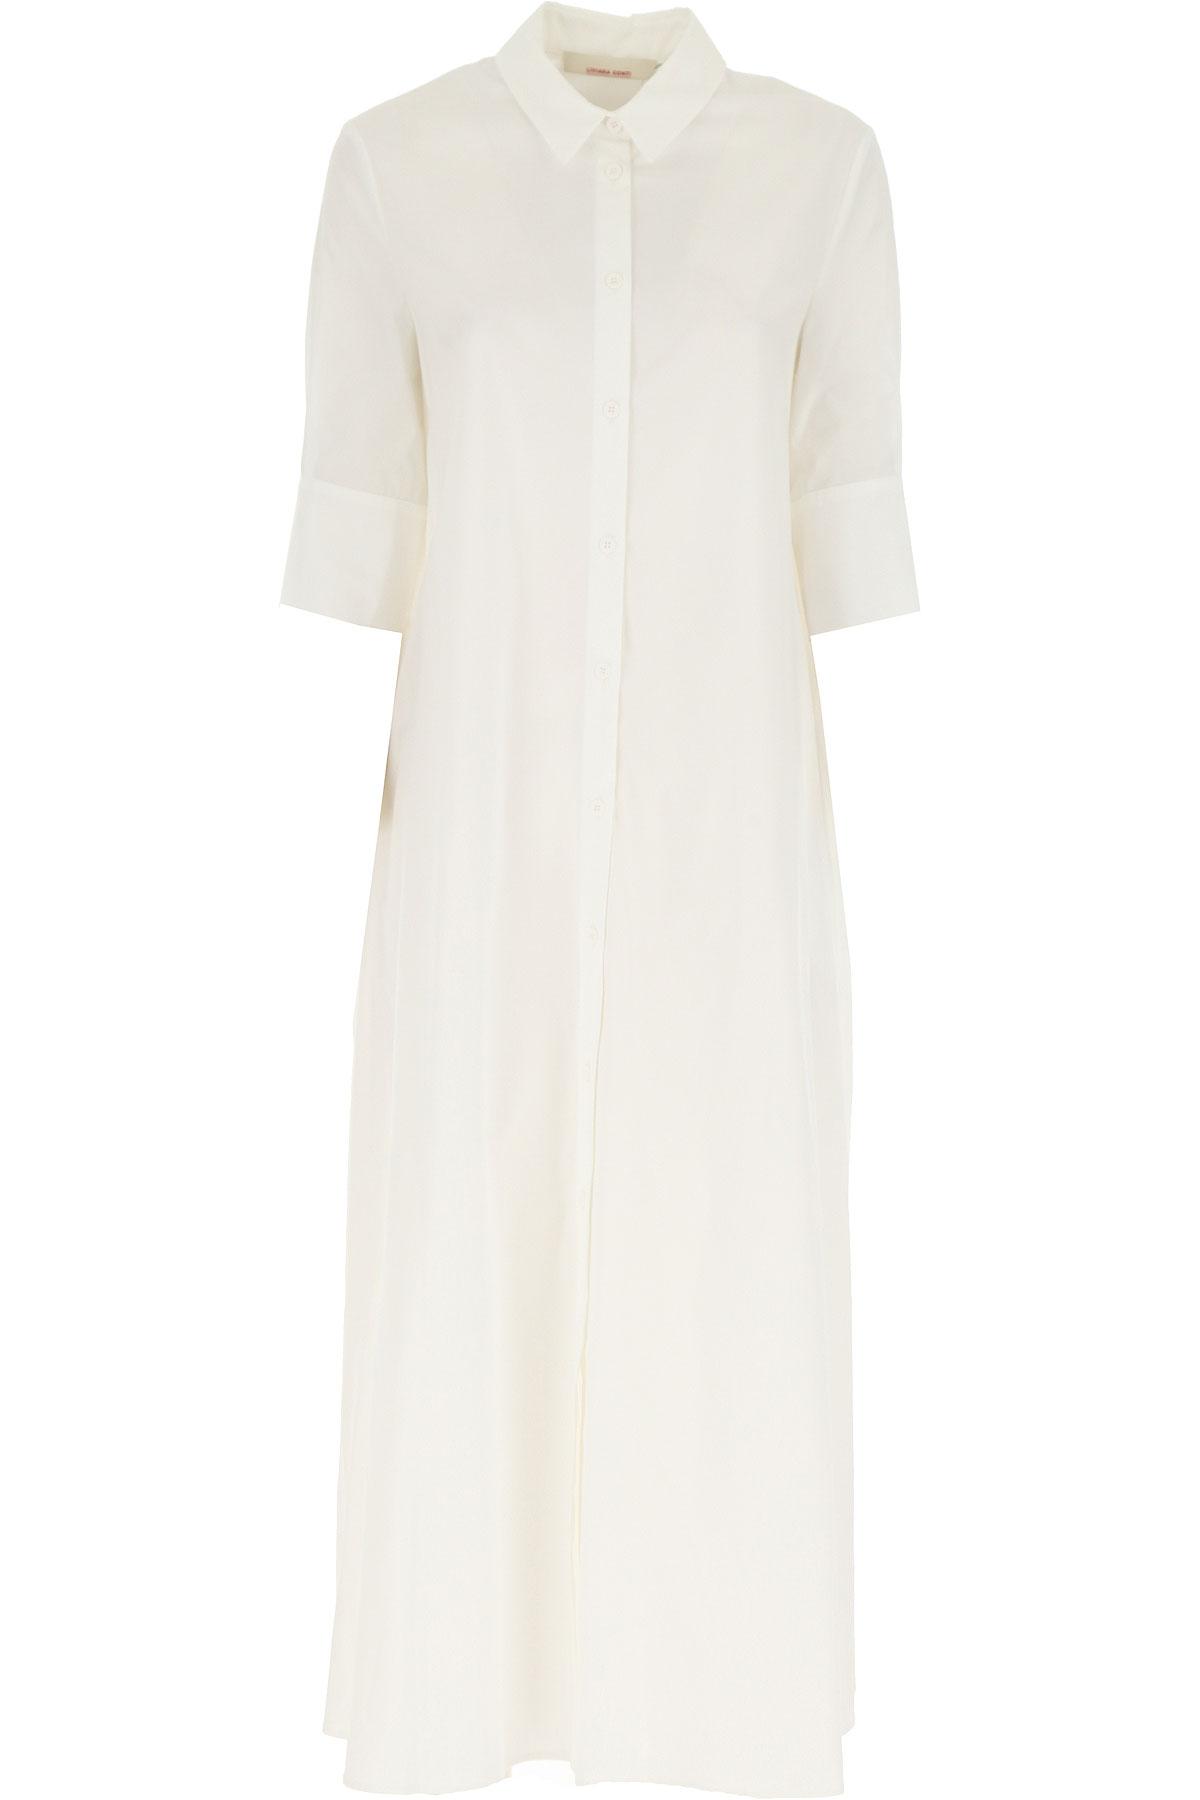 Liviana Conti Robe Femme Pas cher en Soldes, Blanc, Coton, 2019, 40 46 M